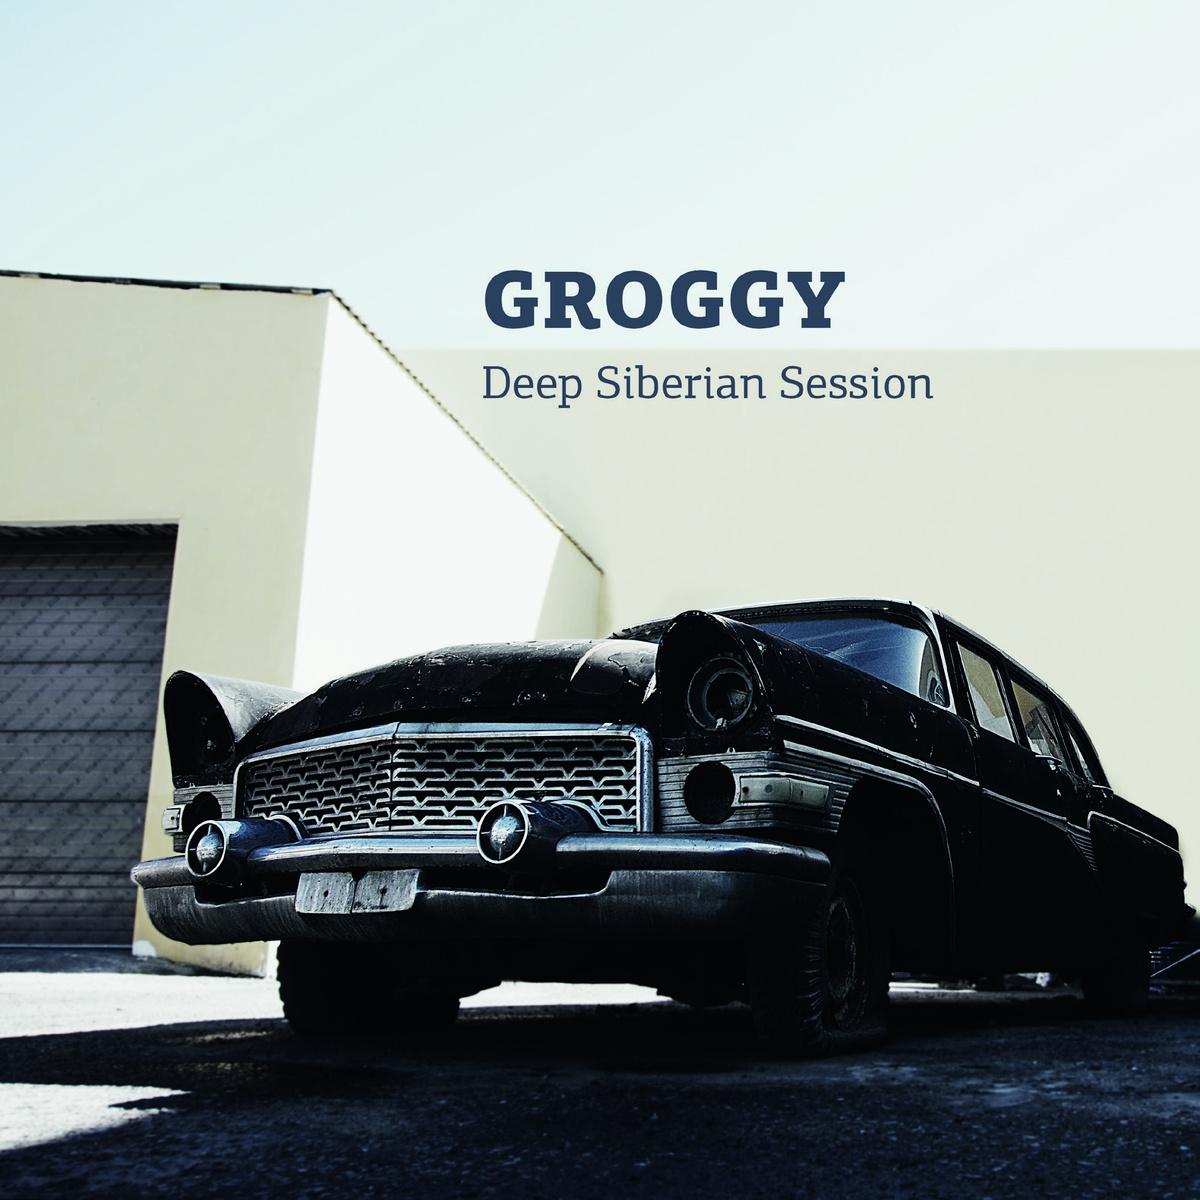 Groggy - Deep Siberian Session